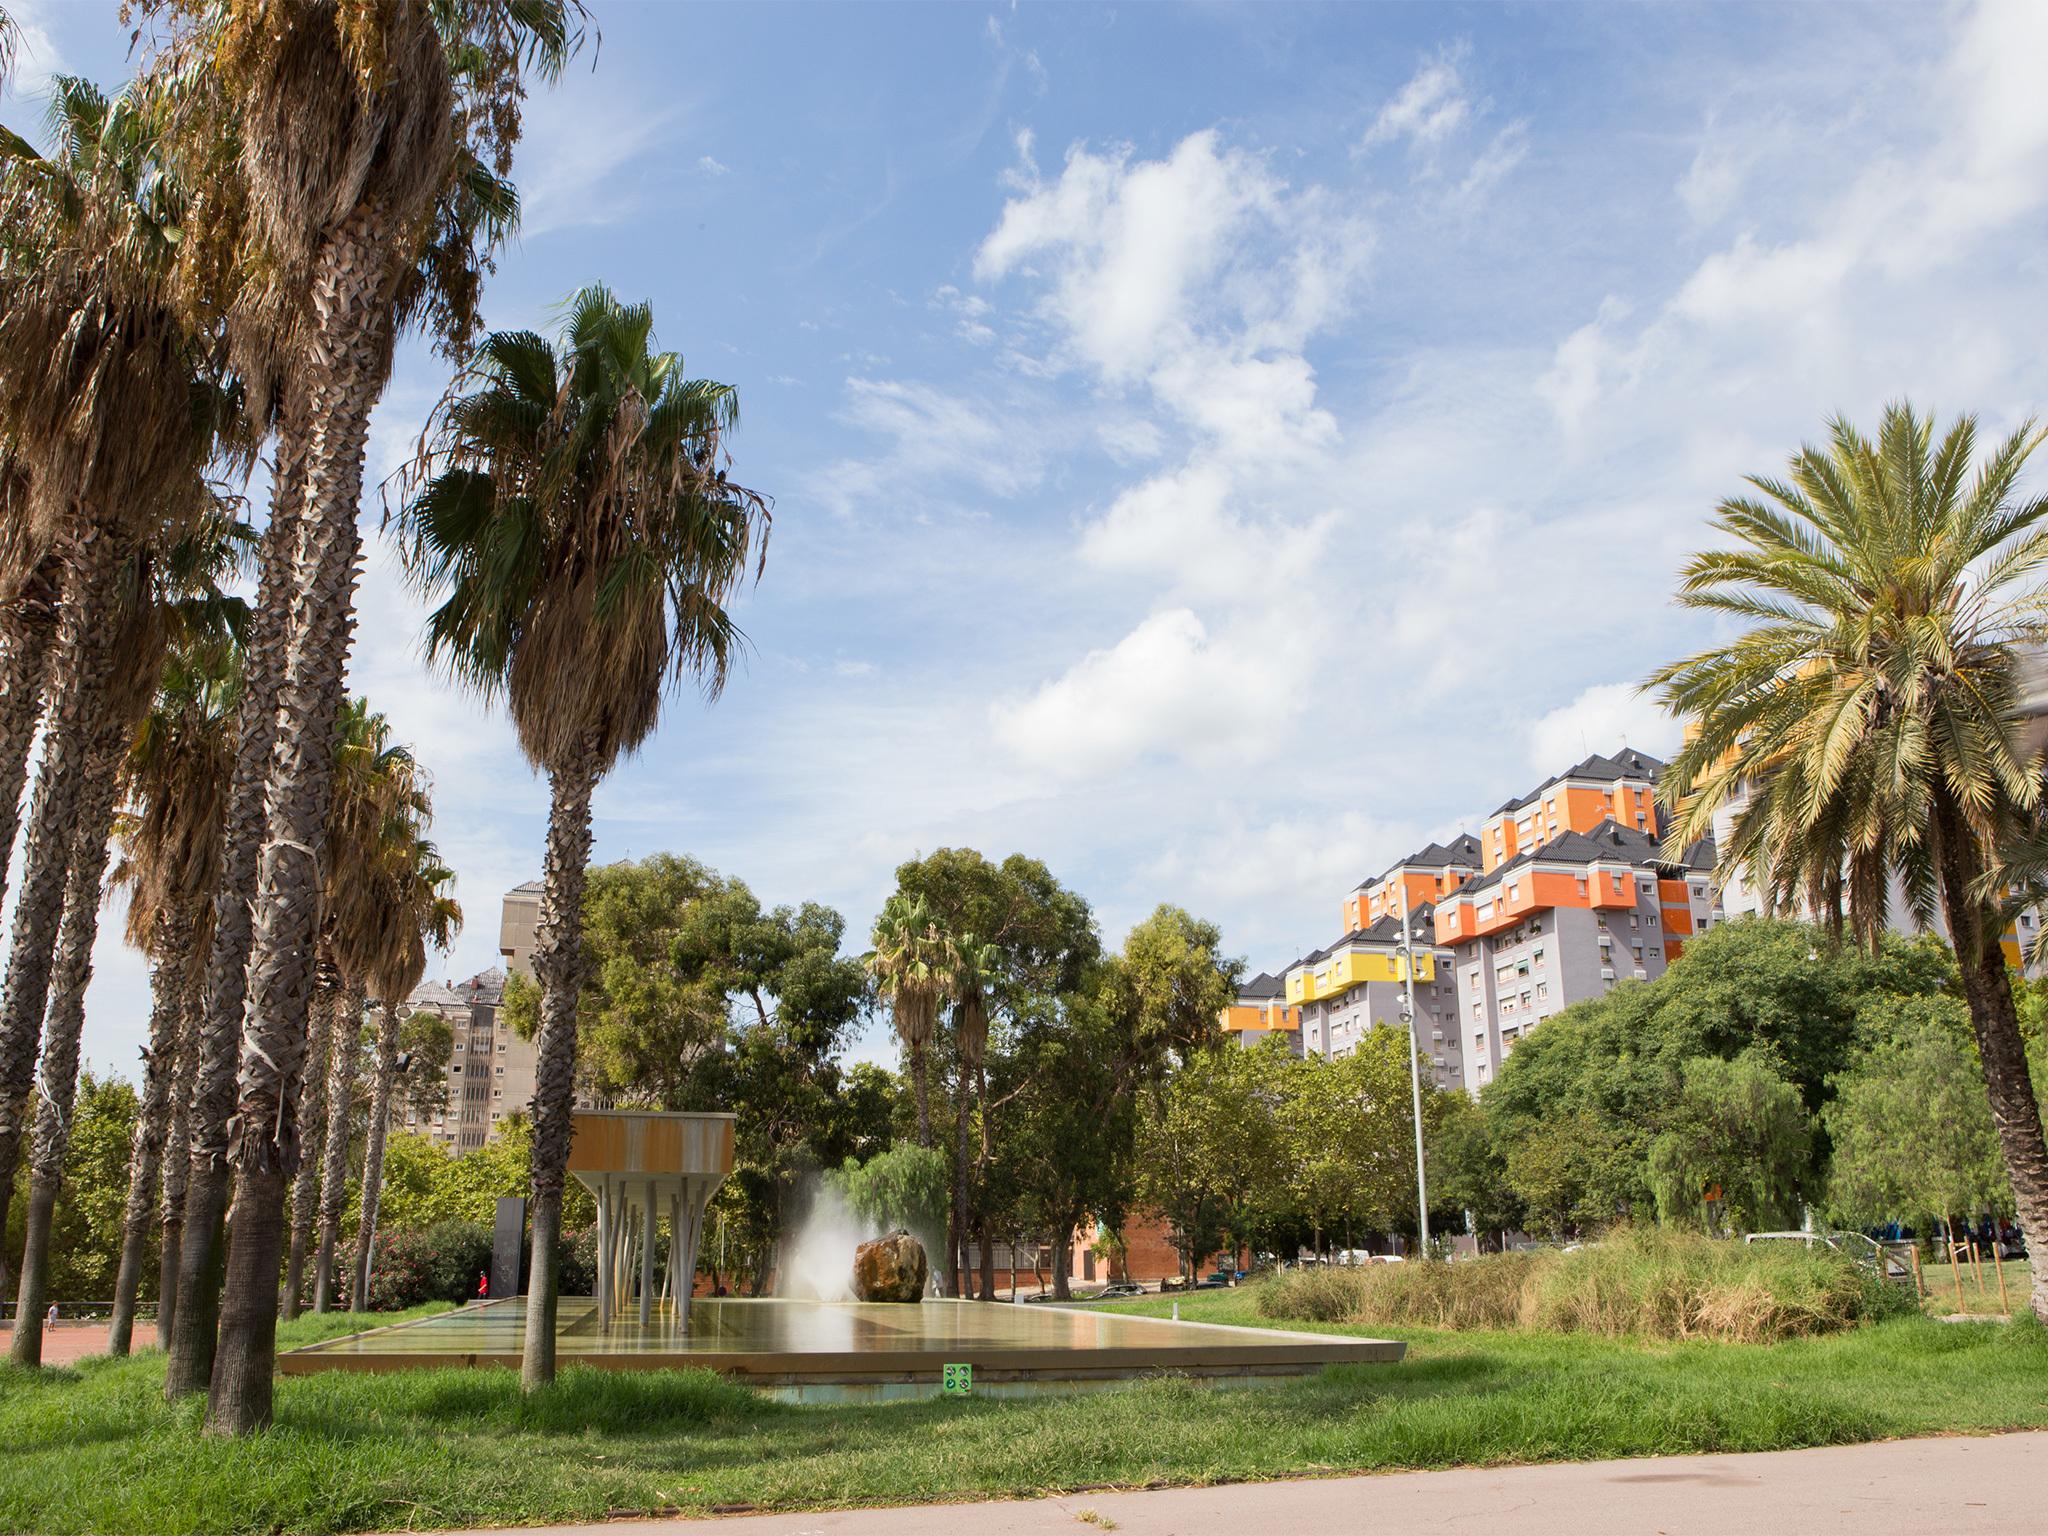 Parc de Josep Maria Serra Martí, Canyelles, Nou Barris.